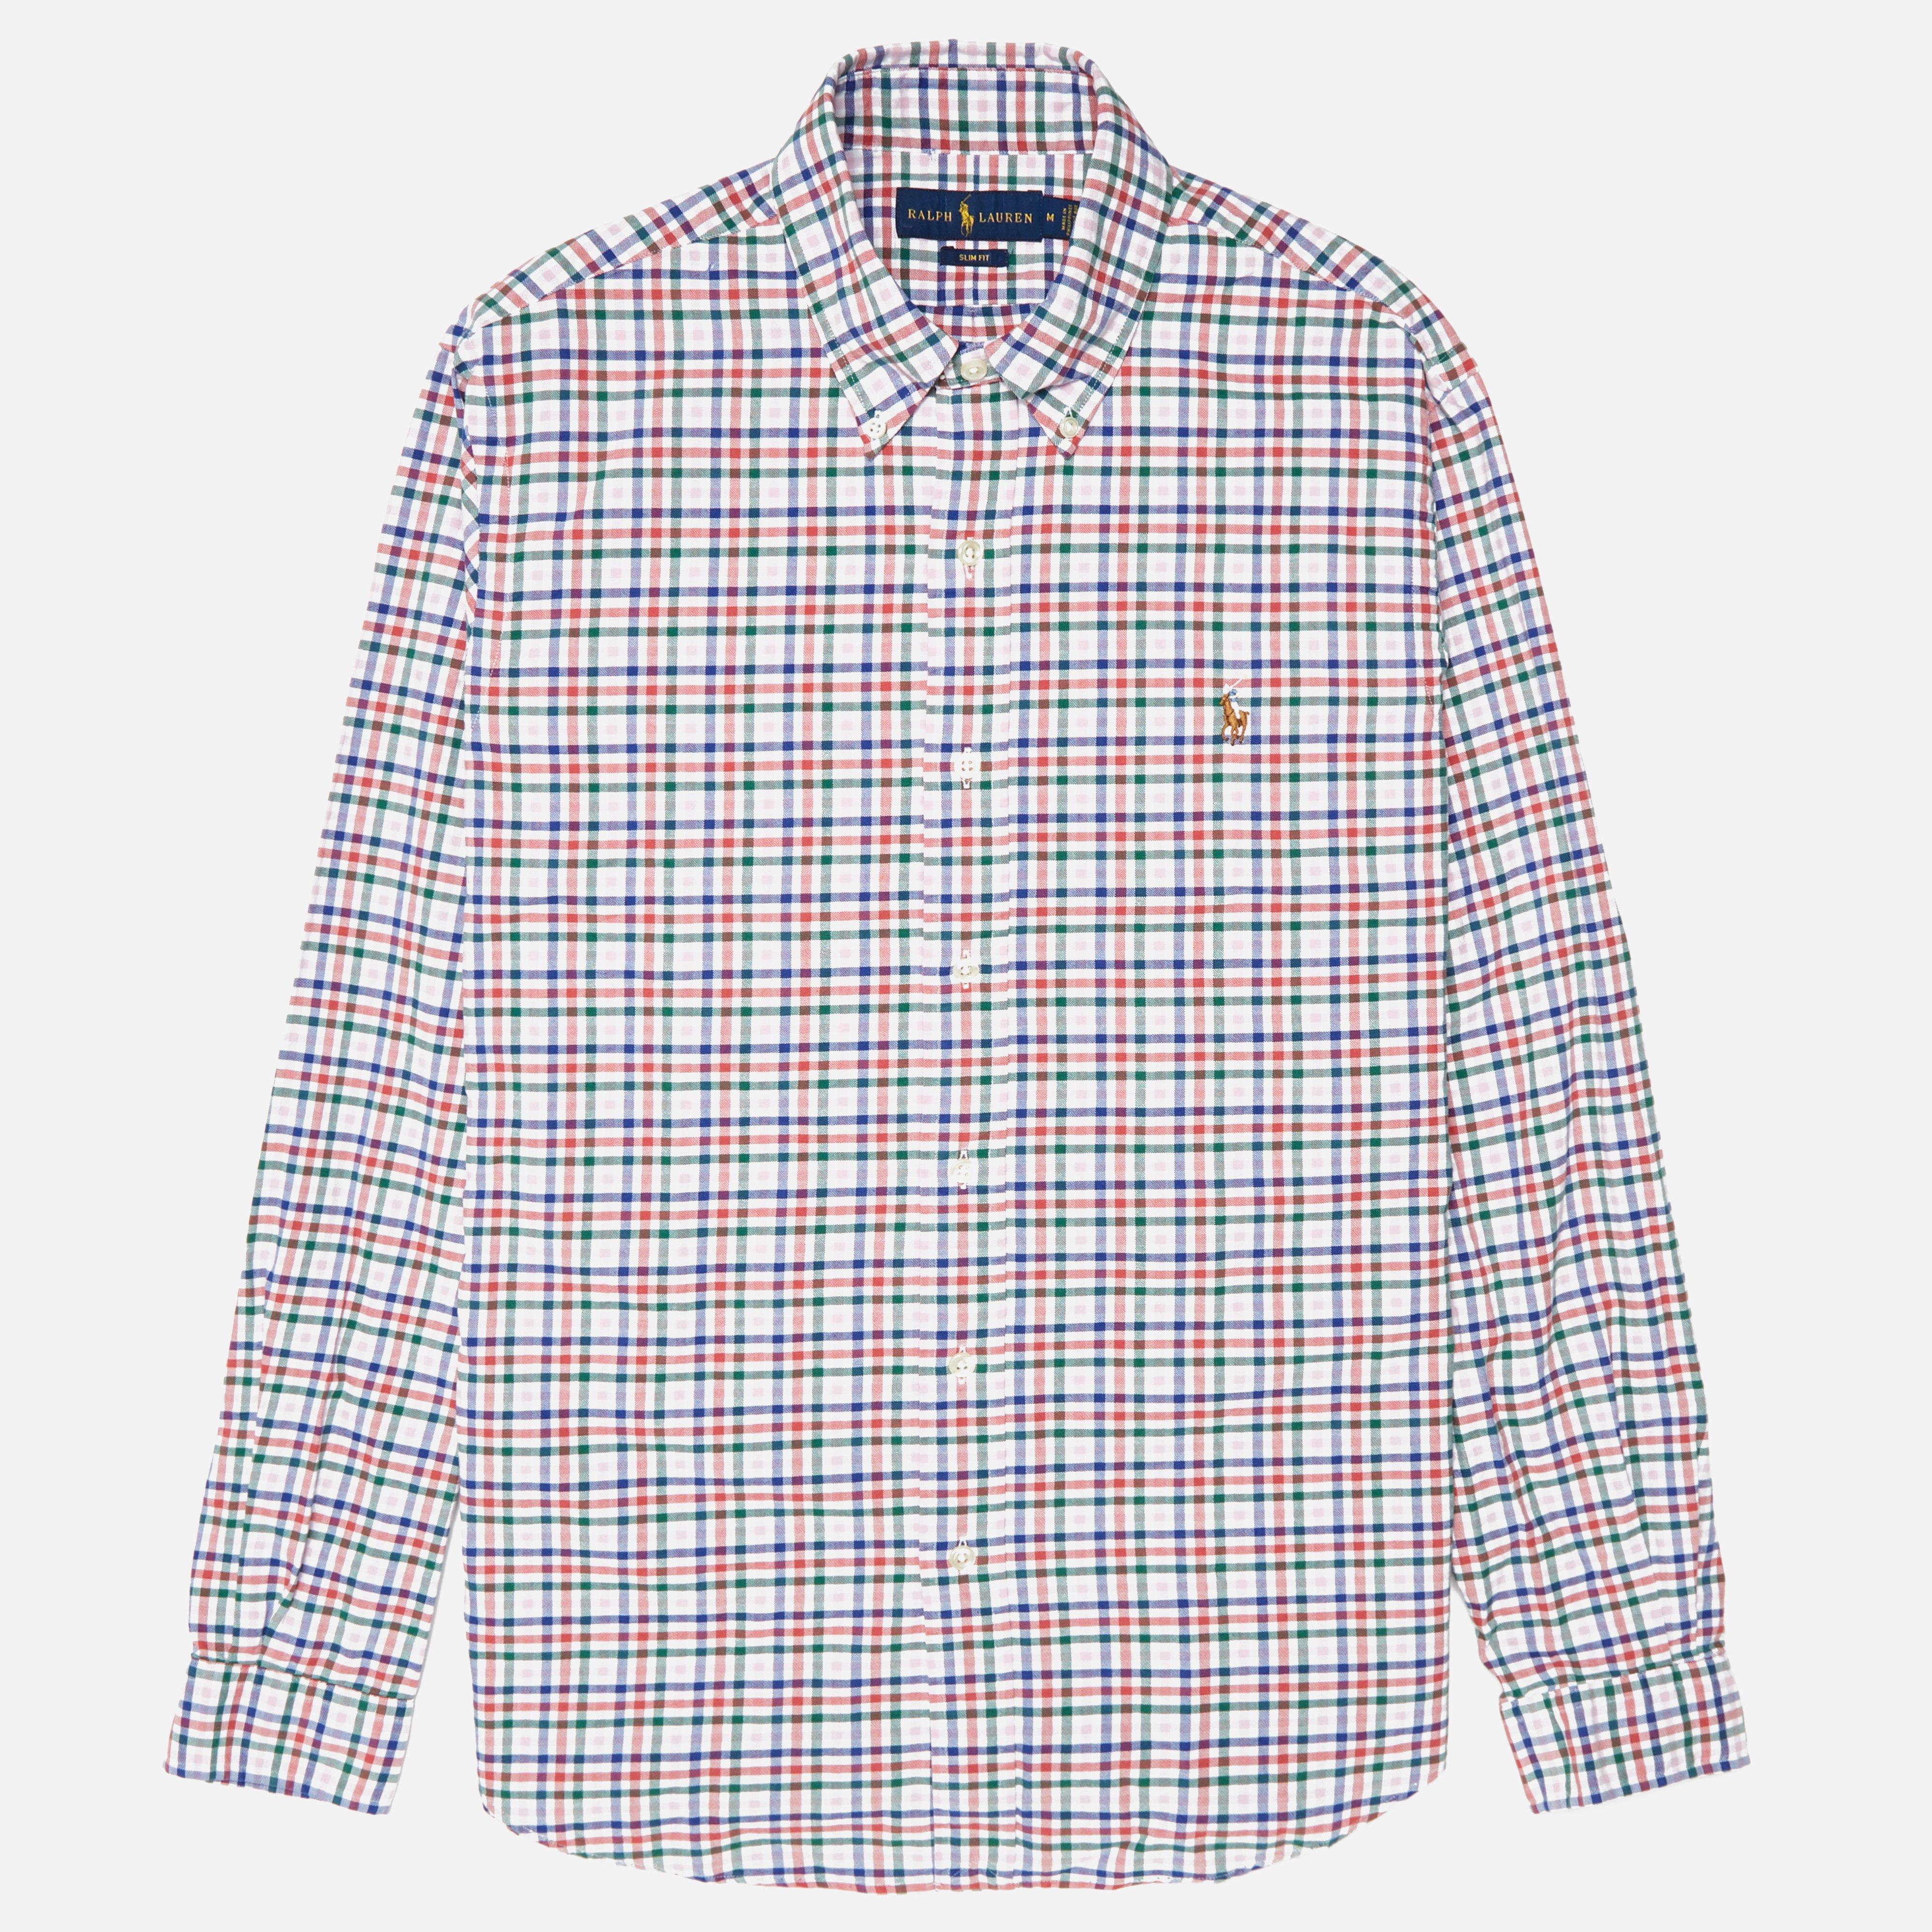 Polo Ralph Lauren Long Sleeve Sport Oxford Shirt